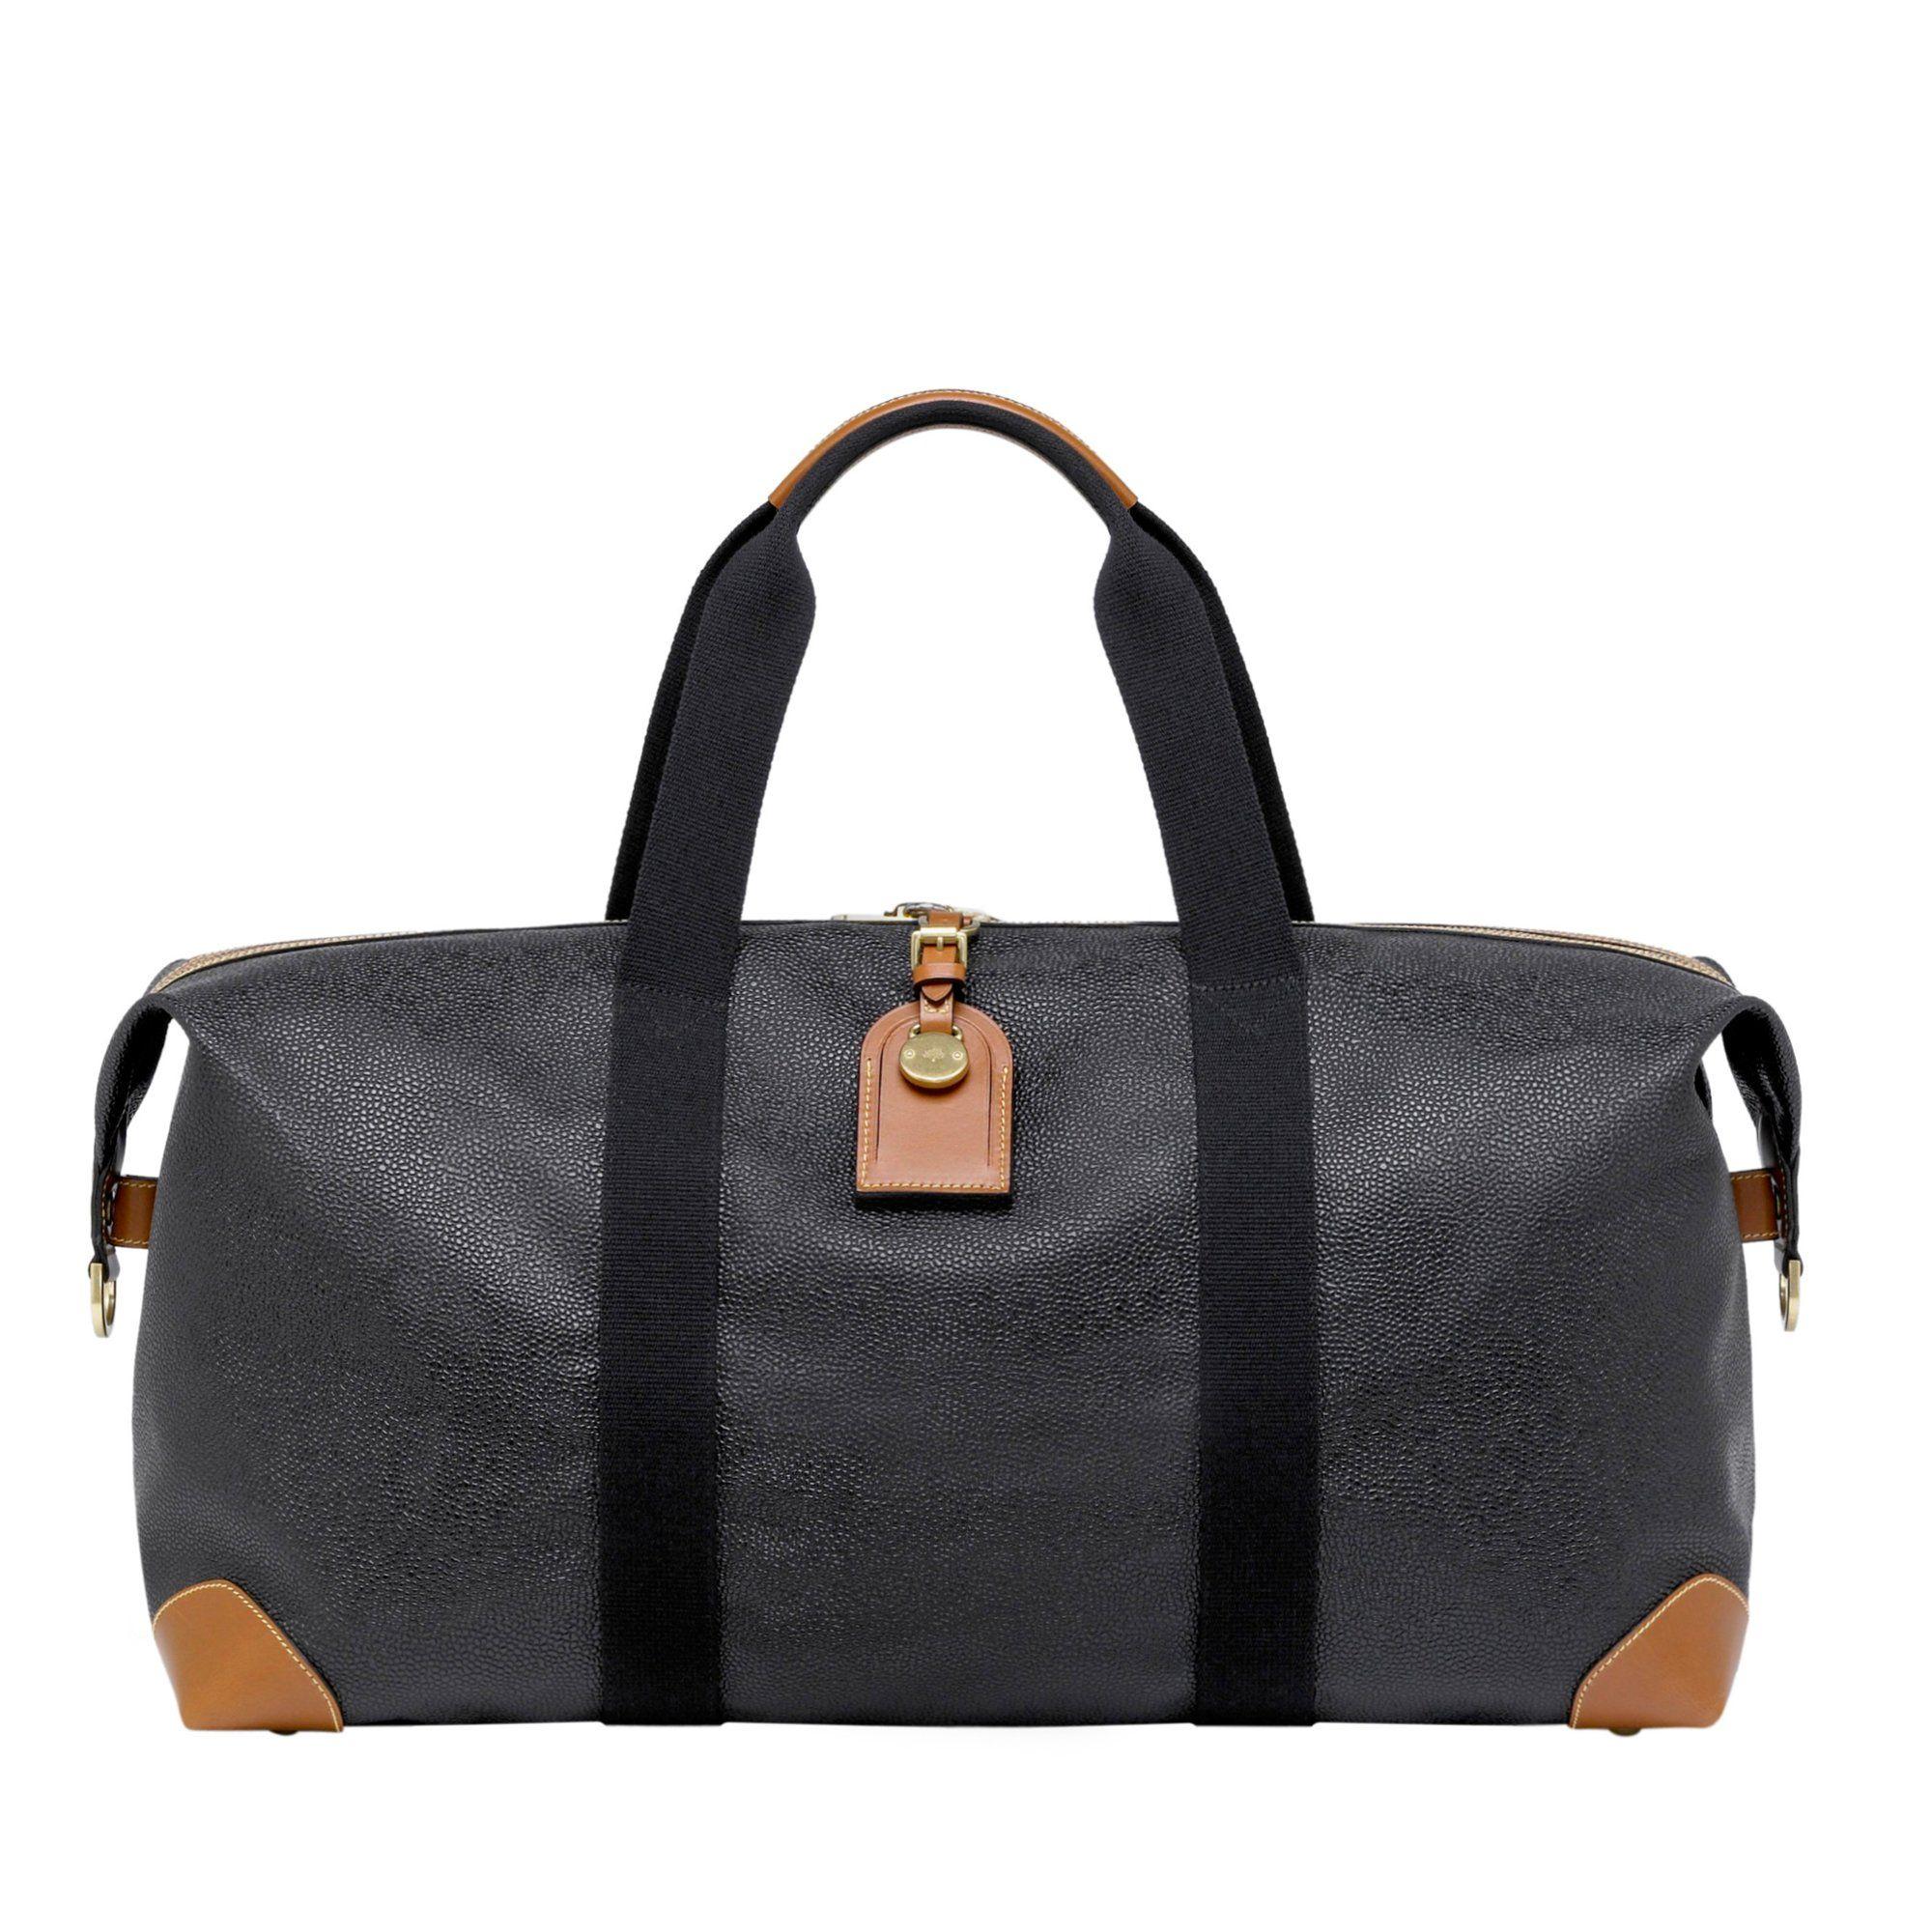 9b58b52edb Luggage